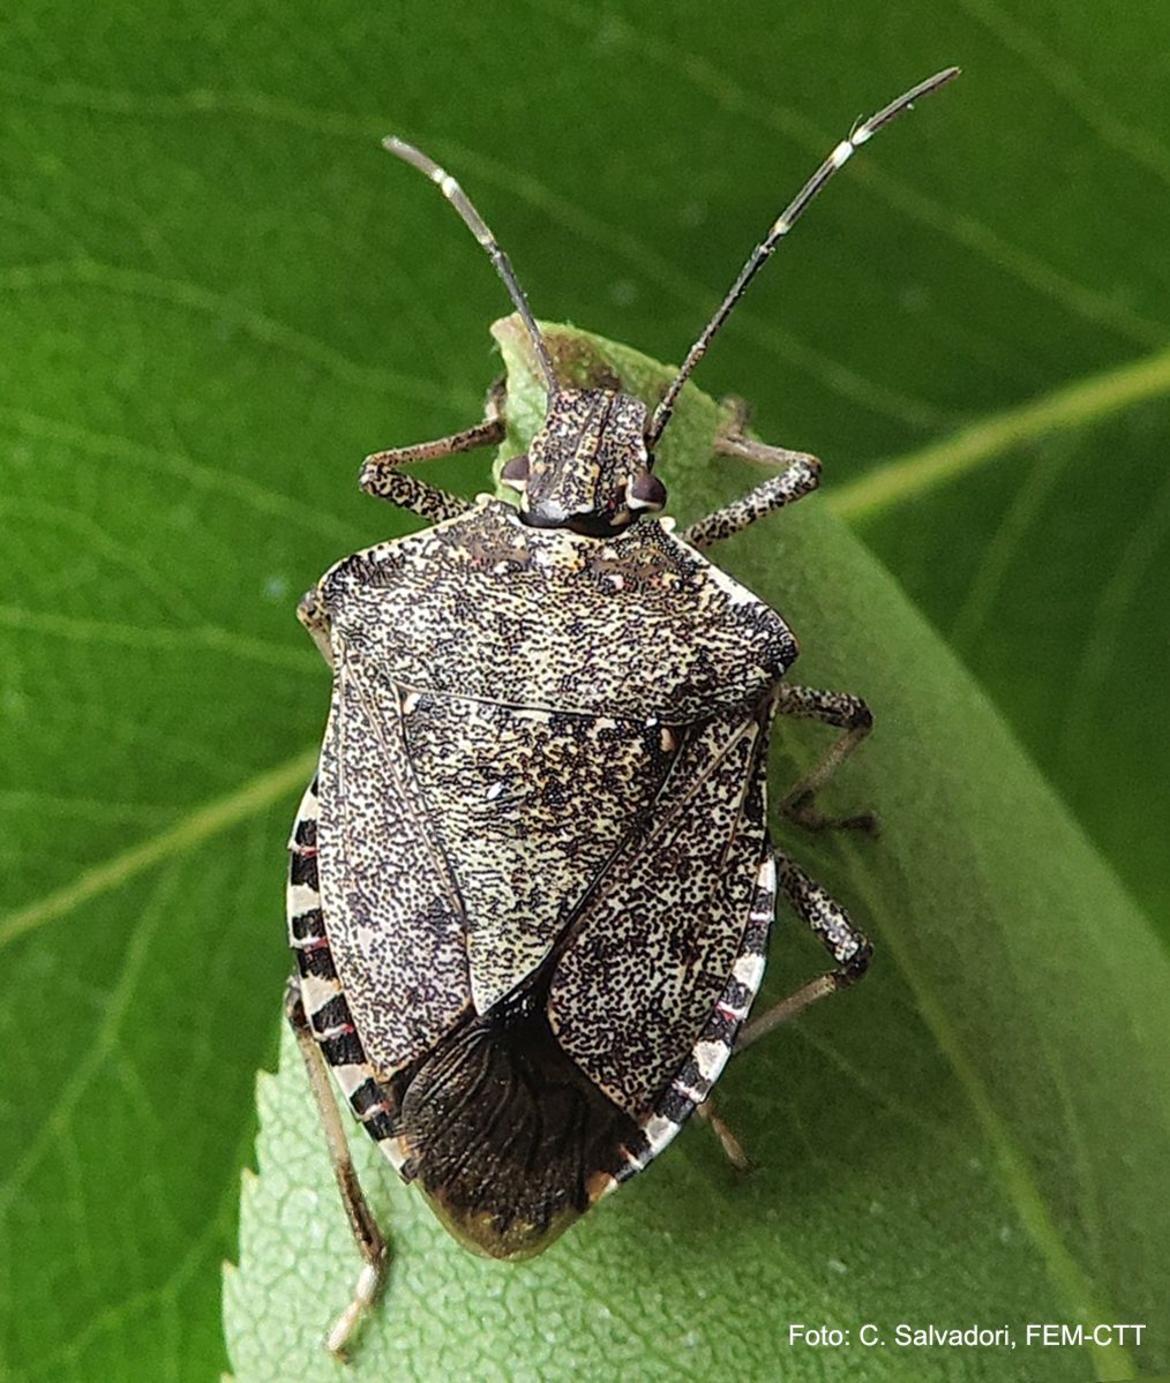 Rinvenuta in trentino la cimice asiatica marmorata fem in for Cimice insetto